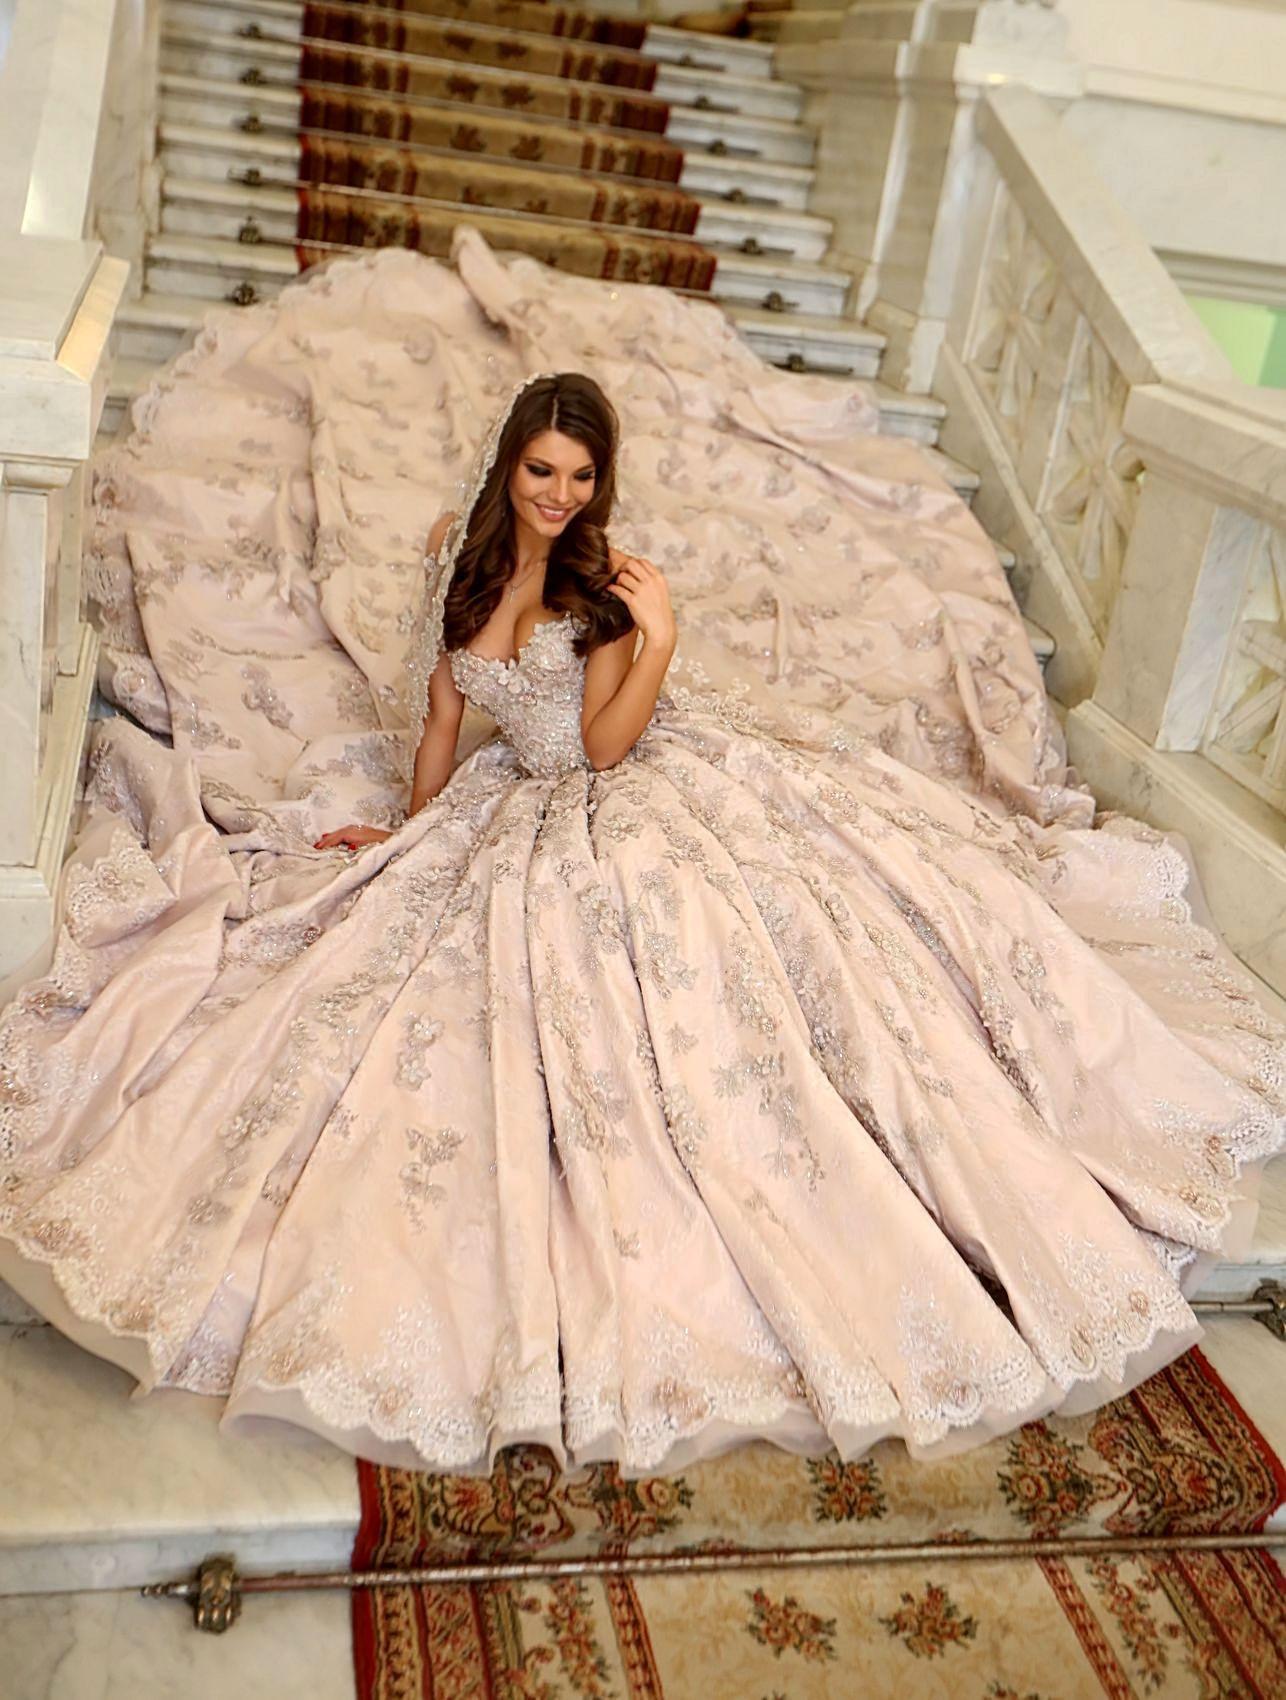 РРРРеРРРе Ð Ð Ð Ñ Ñ Ðµ si lirio amazing wedding dress weddingdress